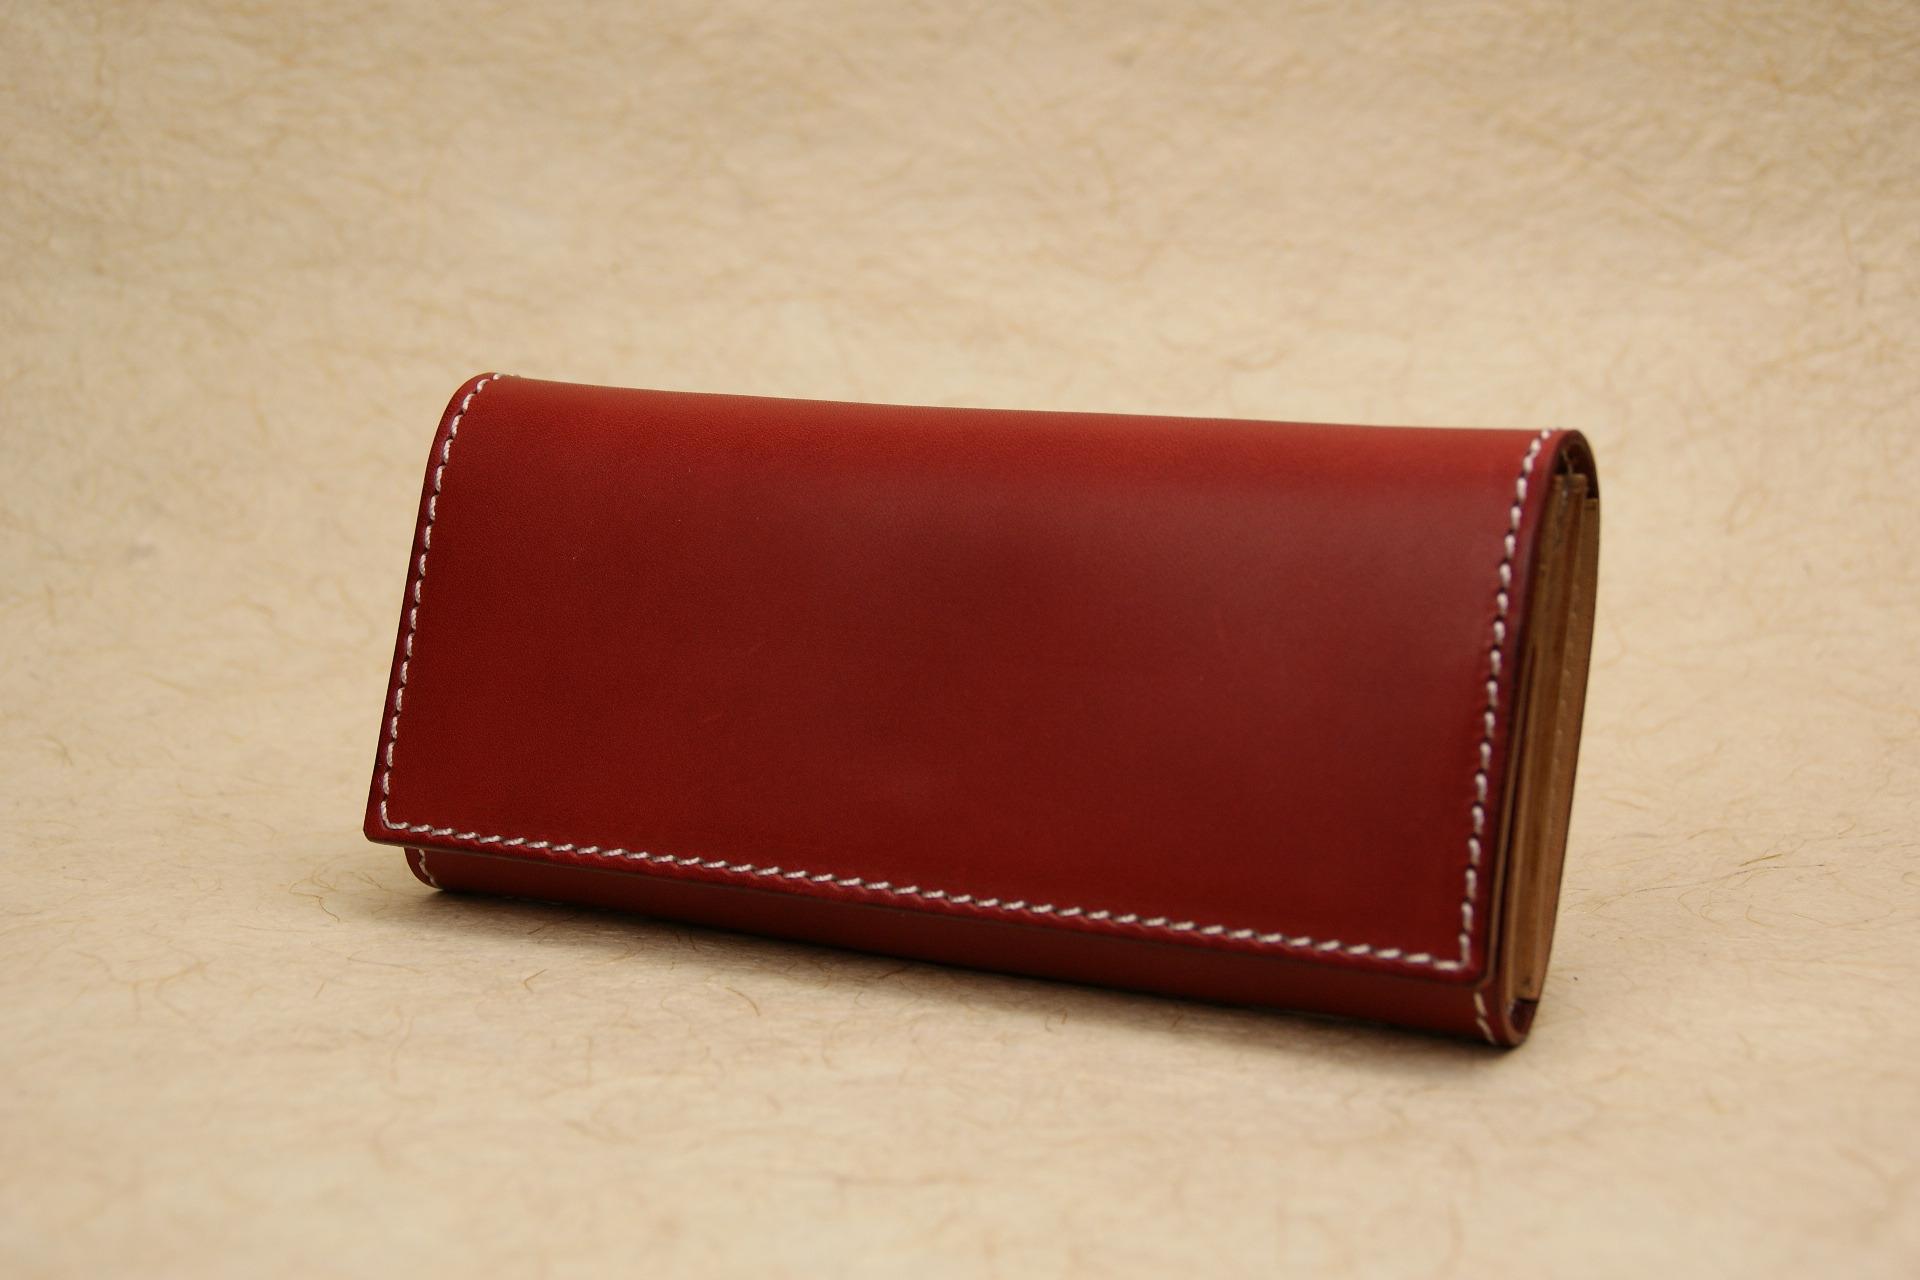 スリムな長財布 深い赤 牛ヌメ革 Leather wallet